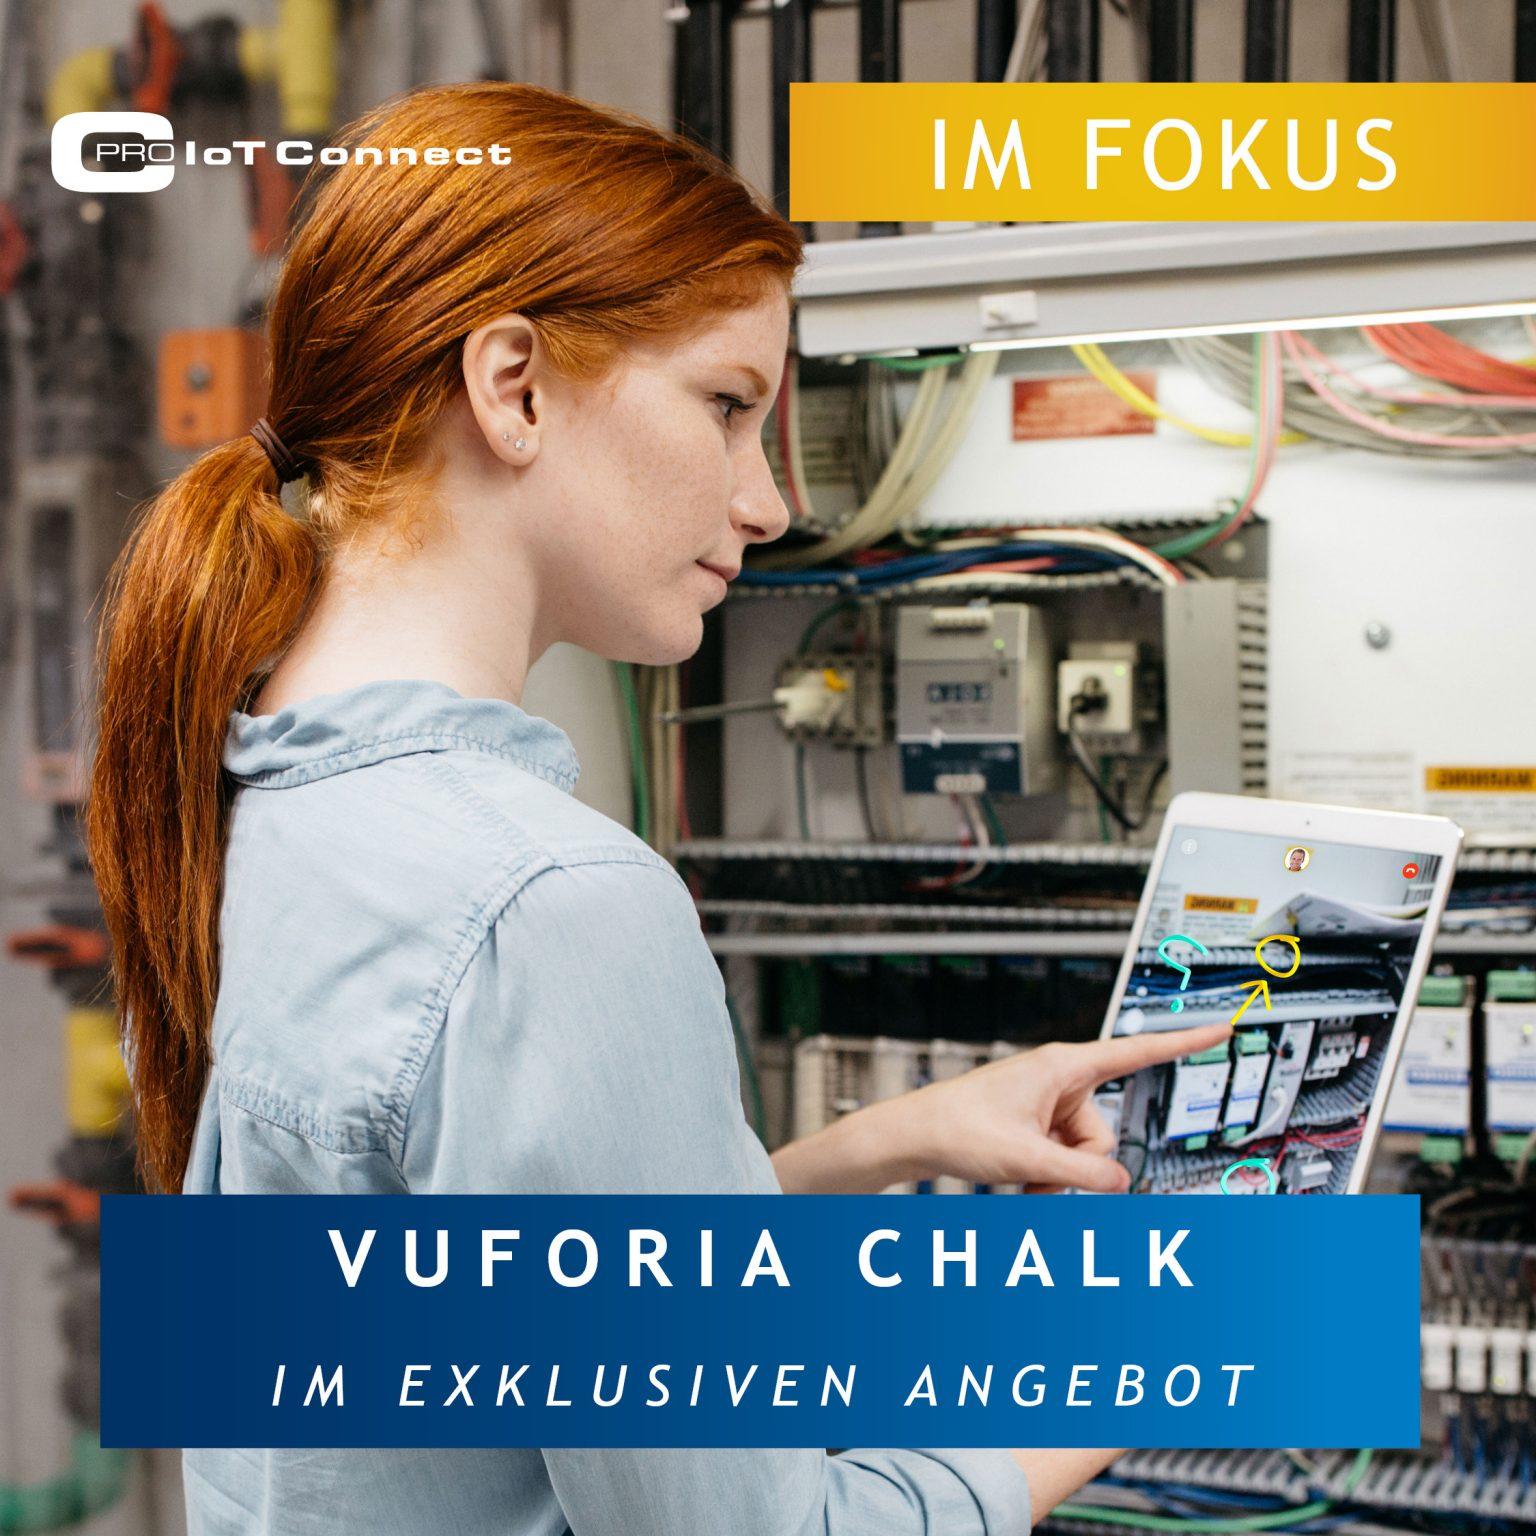 Exklusives Angebot - Vuforia Chalk